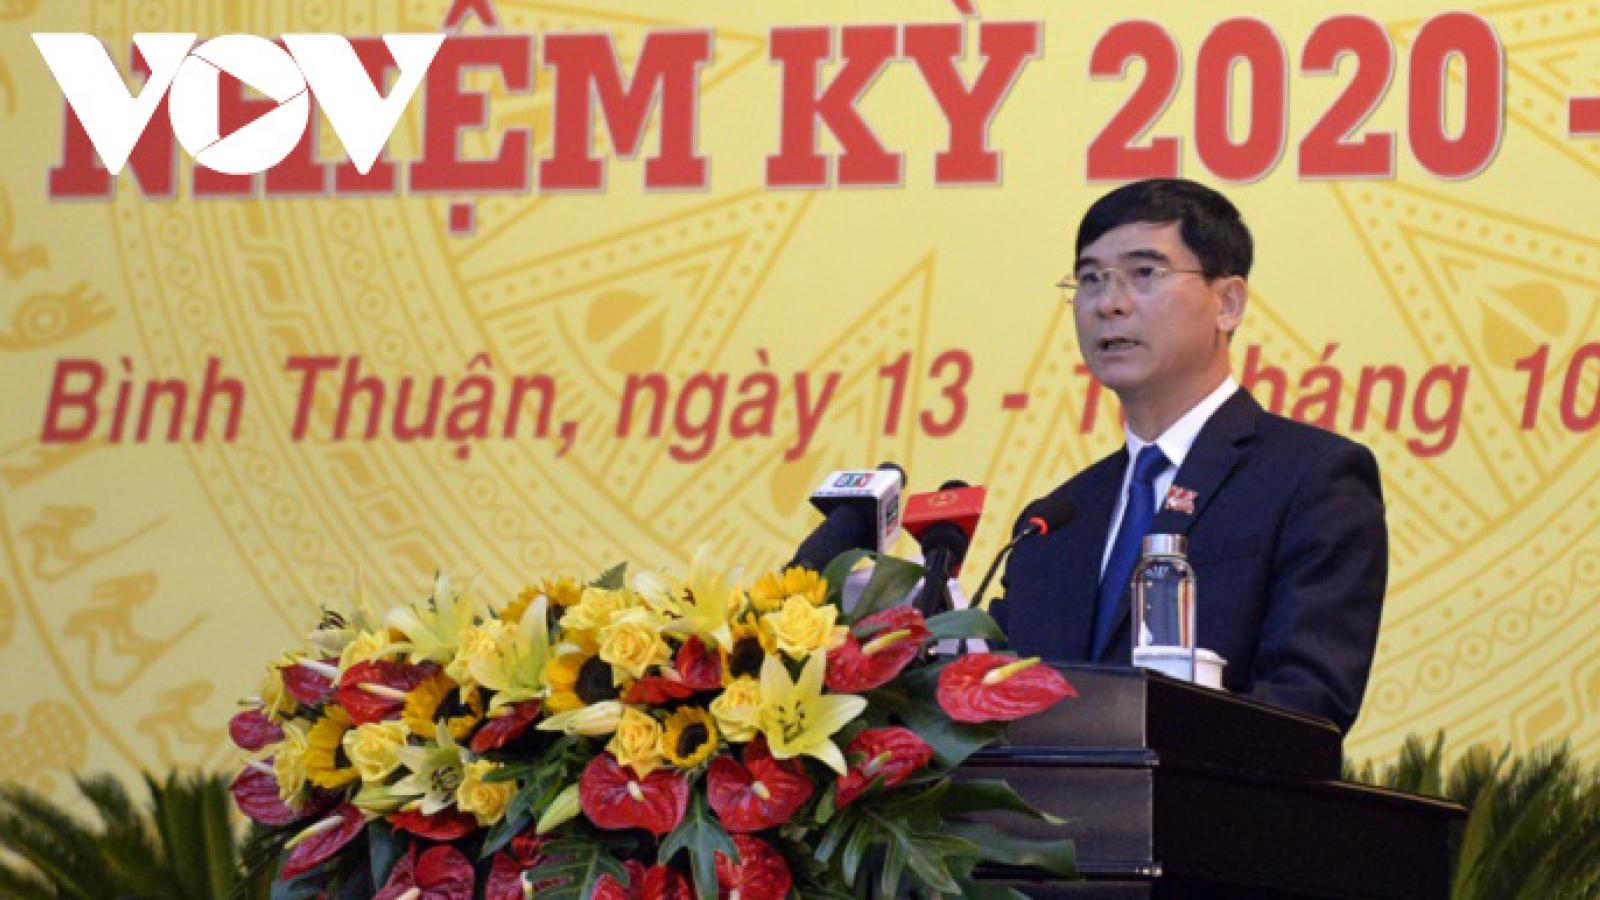 Phó Bí thư Tỉnh ủy Bình Thuận được bầu làm Bí thư Tỉnh ủy